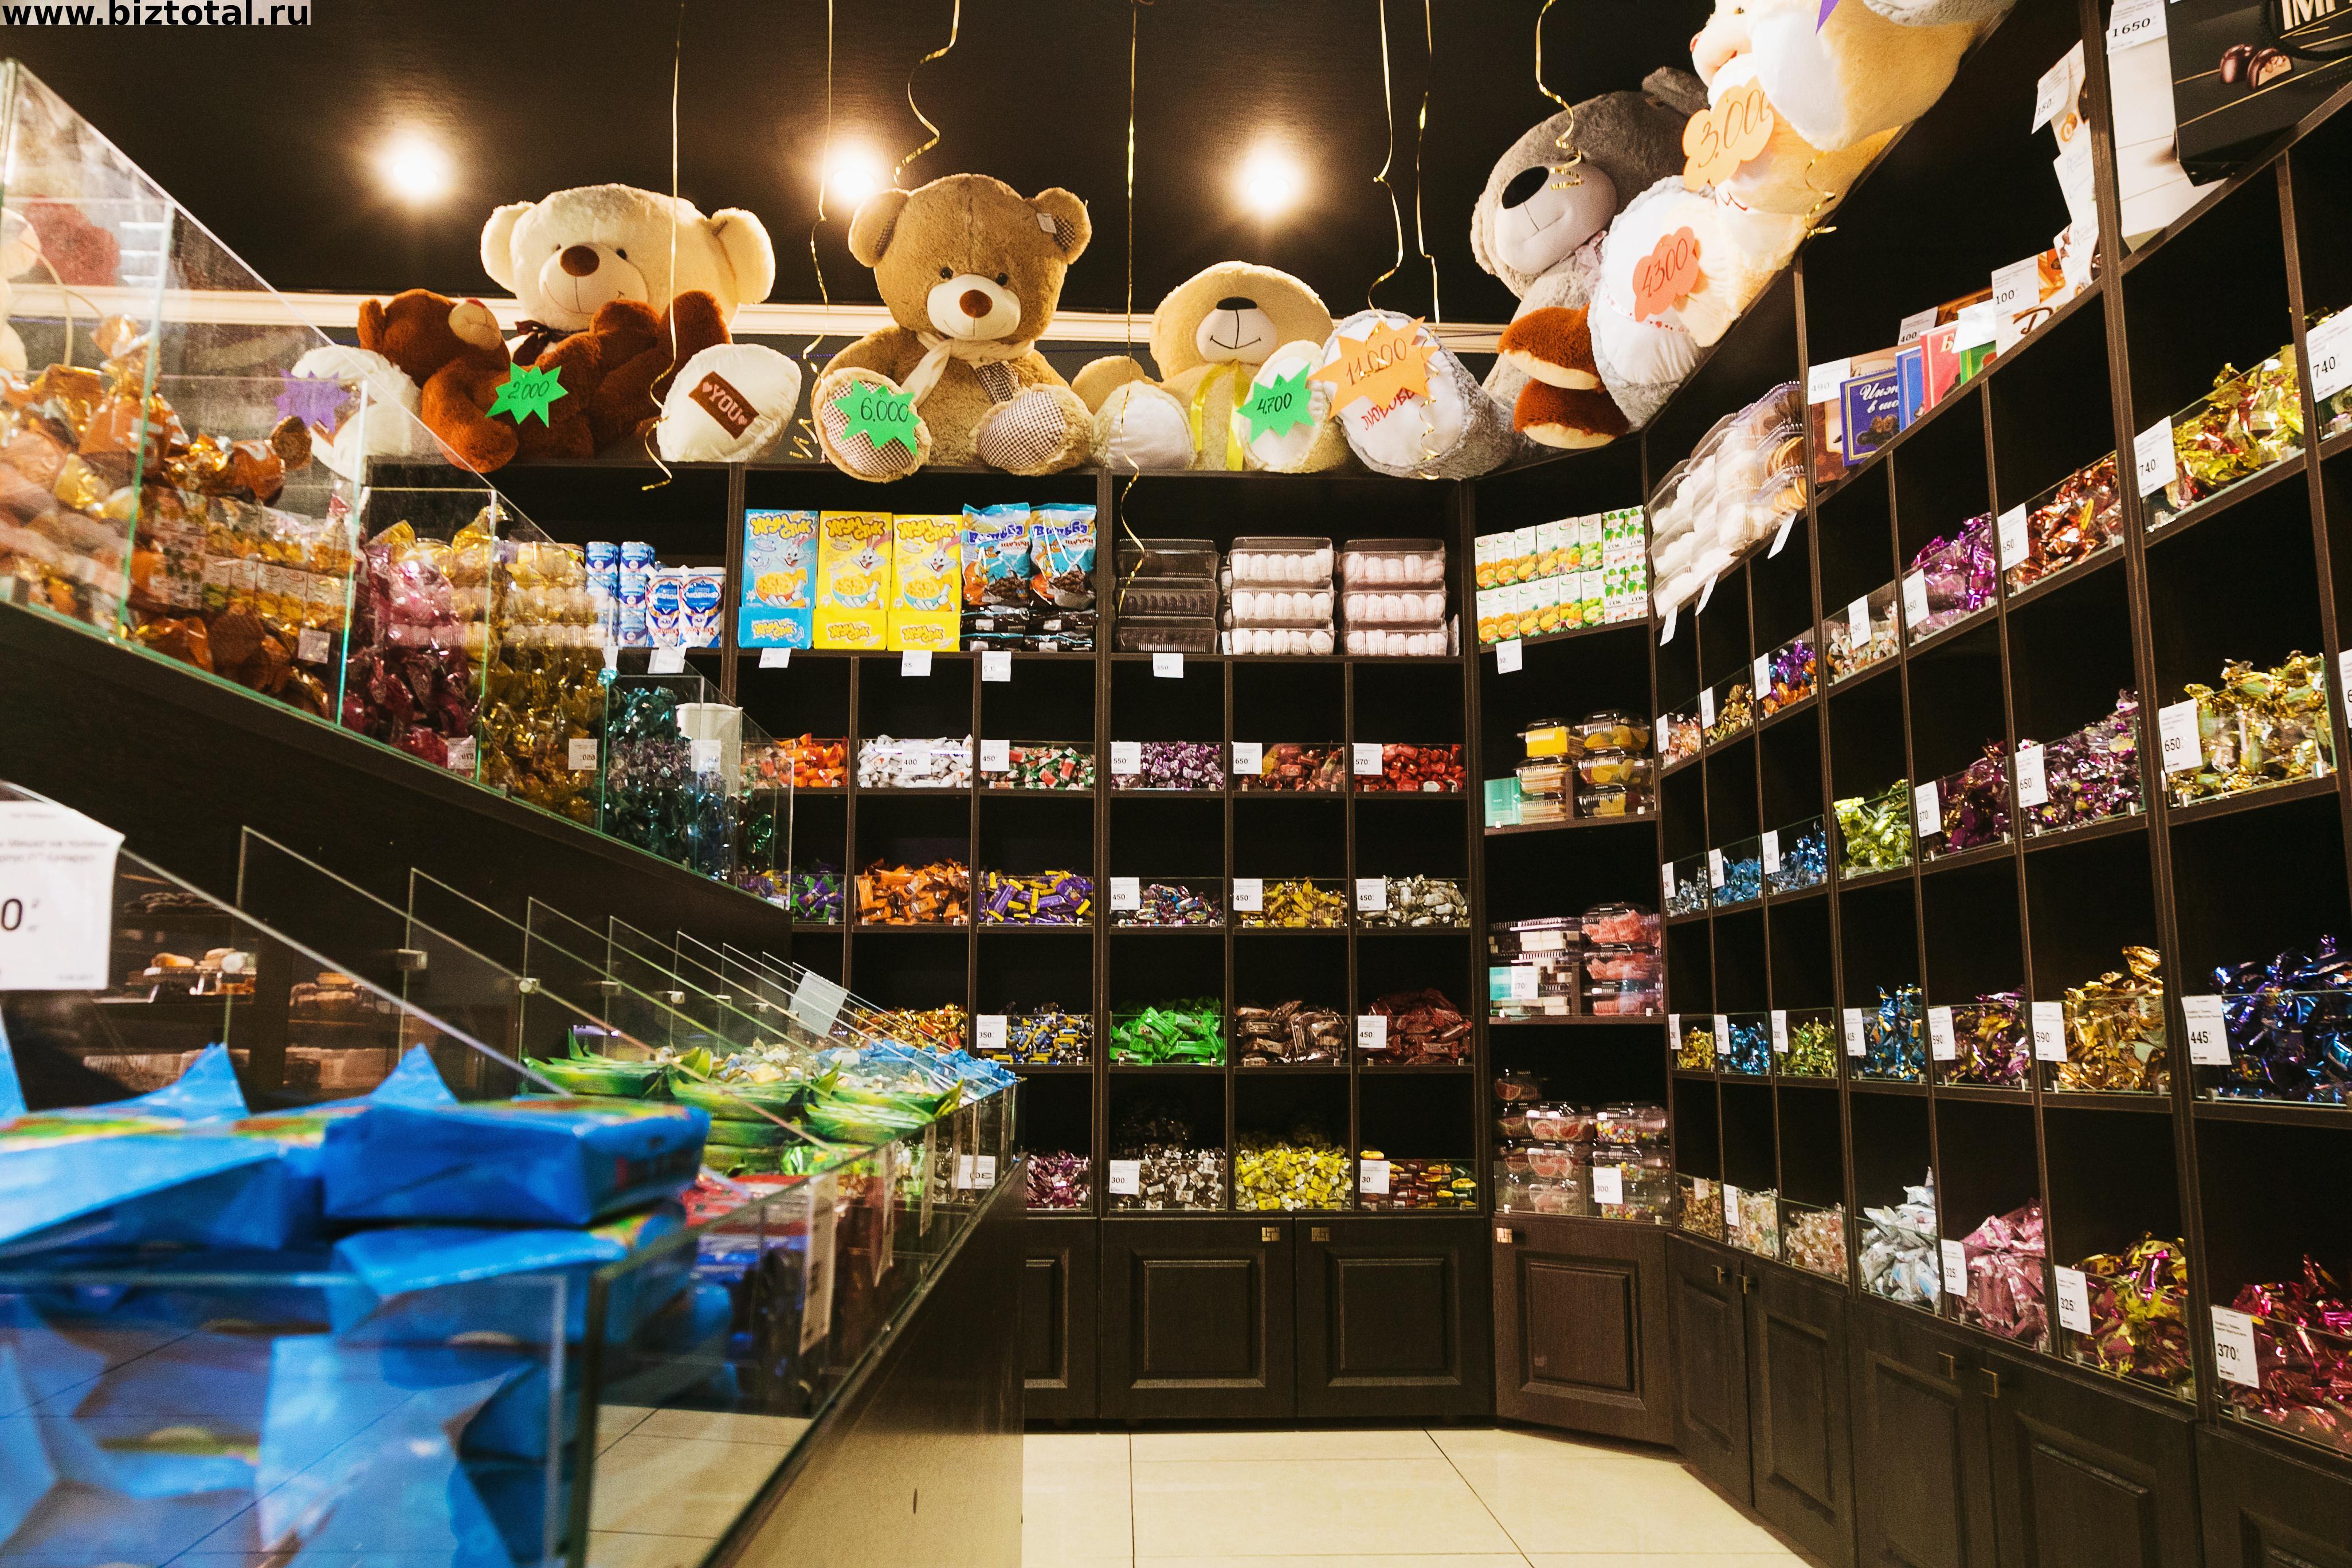 Смешные картинки про магазины